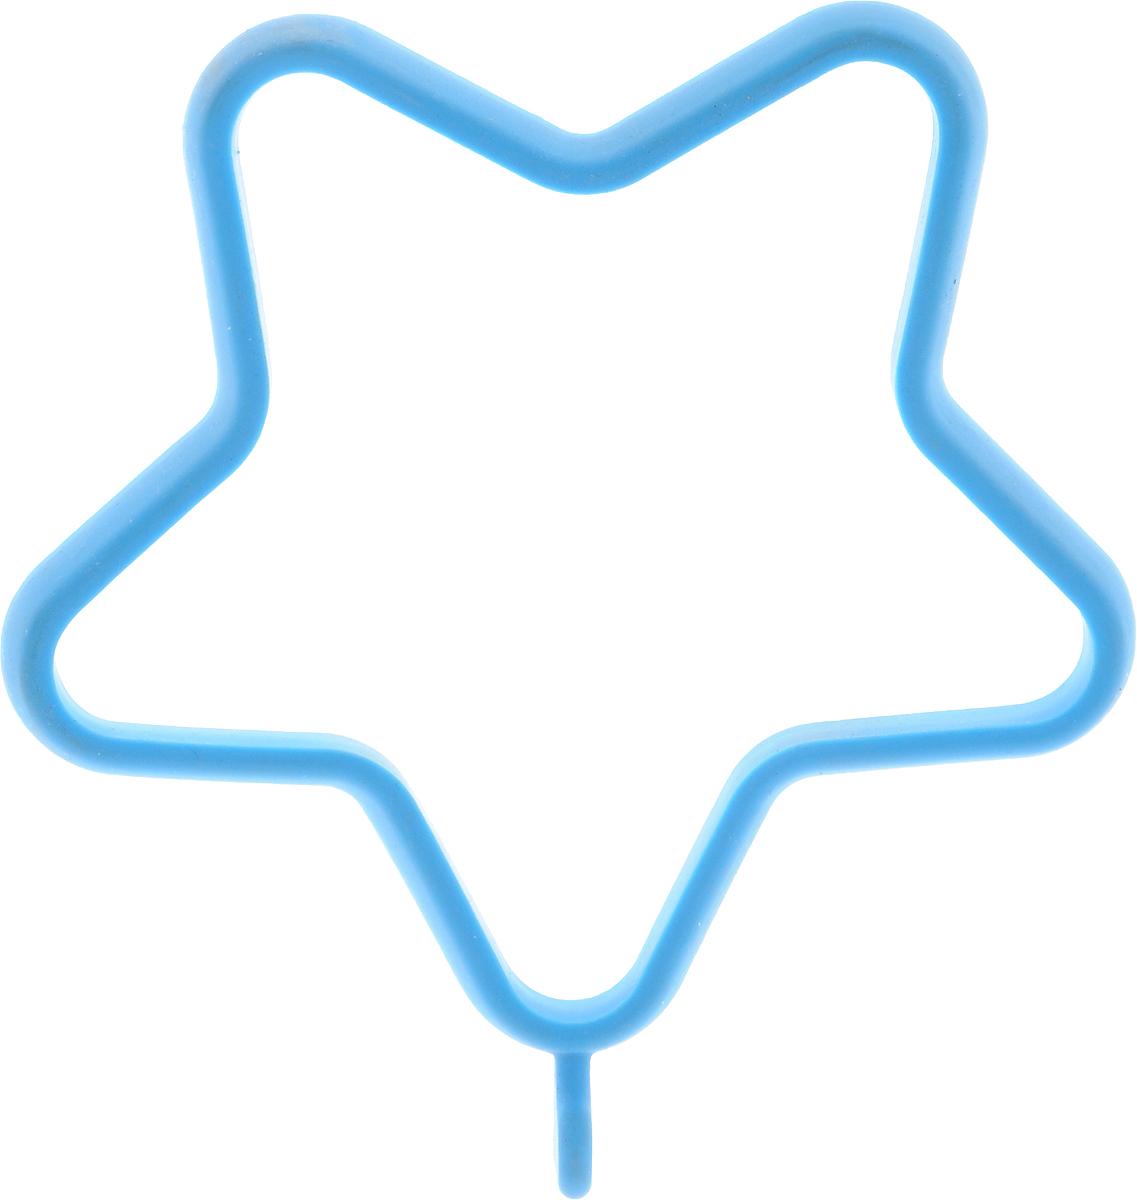 Форма для яичницы Oursson Звезда, цвет: голубой, 13,5 х 11,4 х 1 см94672Форма для яичницы Oursson Звезда, выполненная из жаростойкого силикона, подходит для приготовления яичницы, омлета, оладий! Она добавит оригинальности обычным блюдам и особенно понравится детям! Форма не повреждает антипригарное покрытие сковород. Для получения идеального результата рекомендуется использовать ее на ровной поверхности сковороды. Размер формы: 13,5 х 11,4 х 1 см